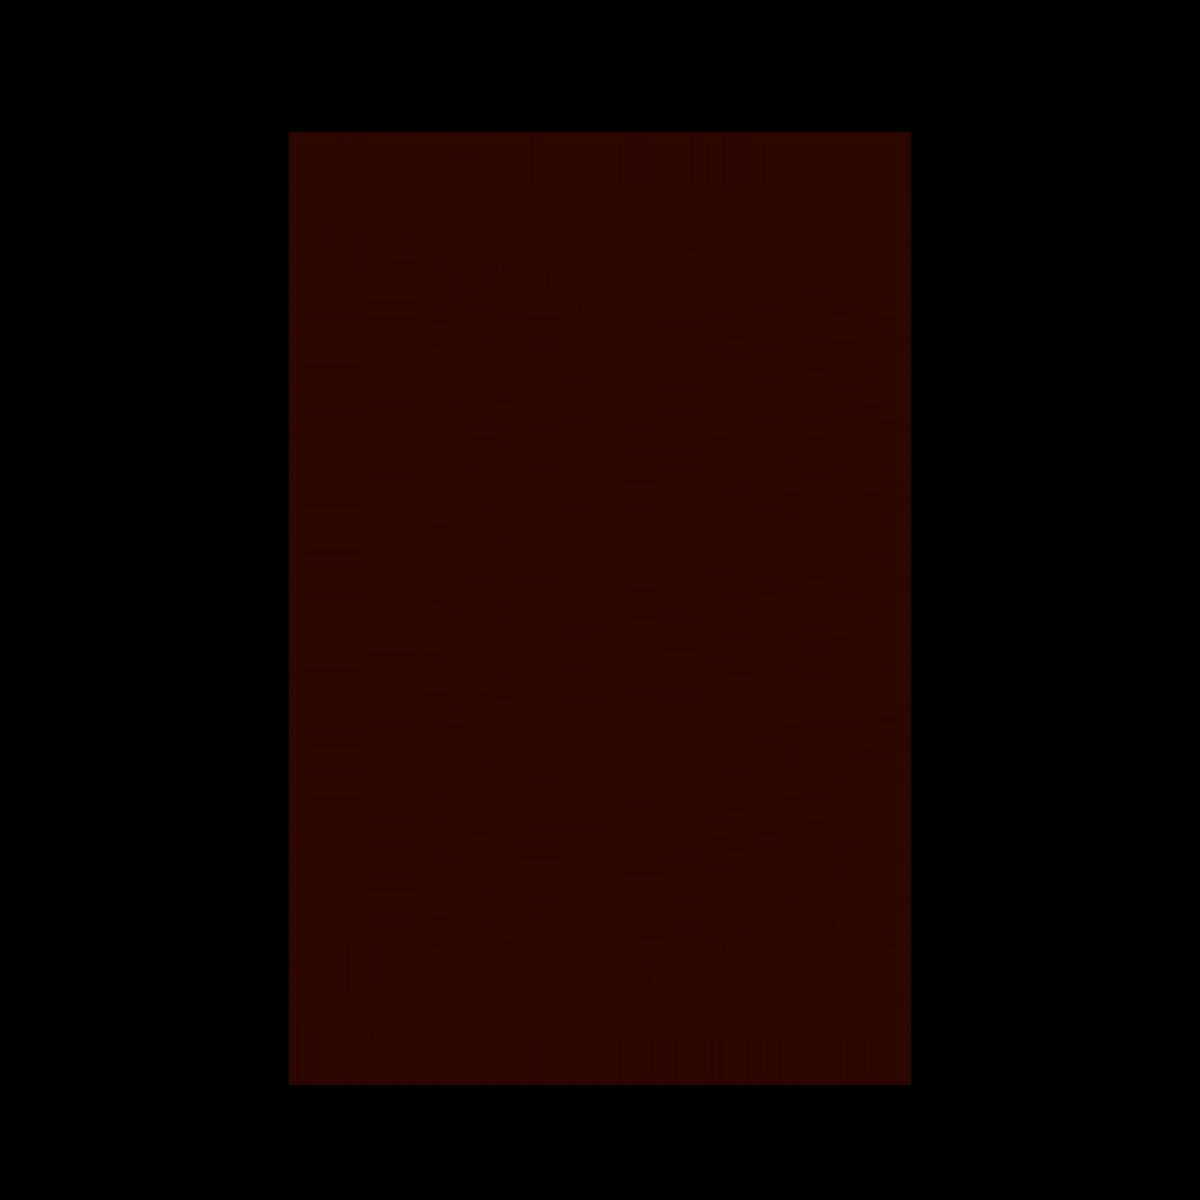 TB910 påboringstætning til plastrør